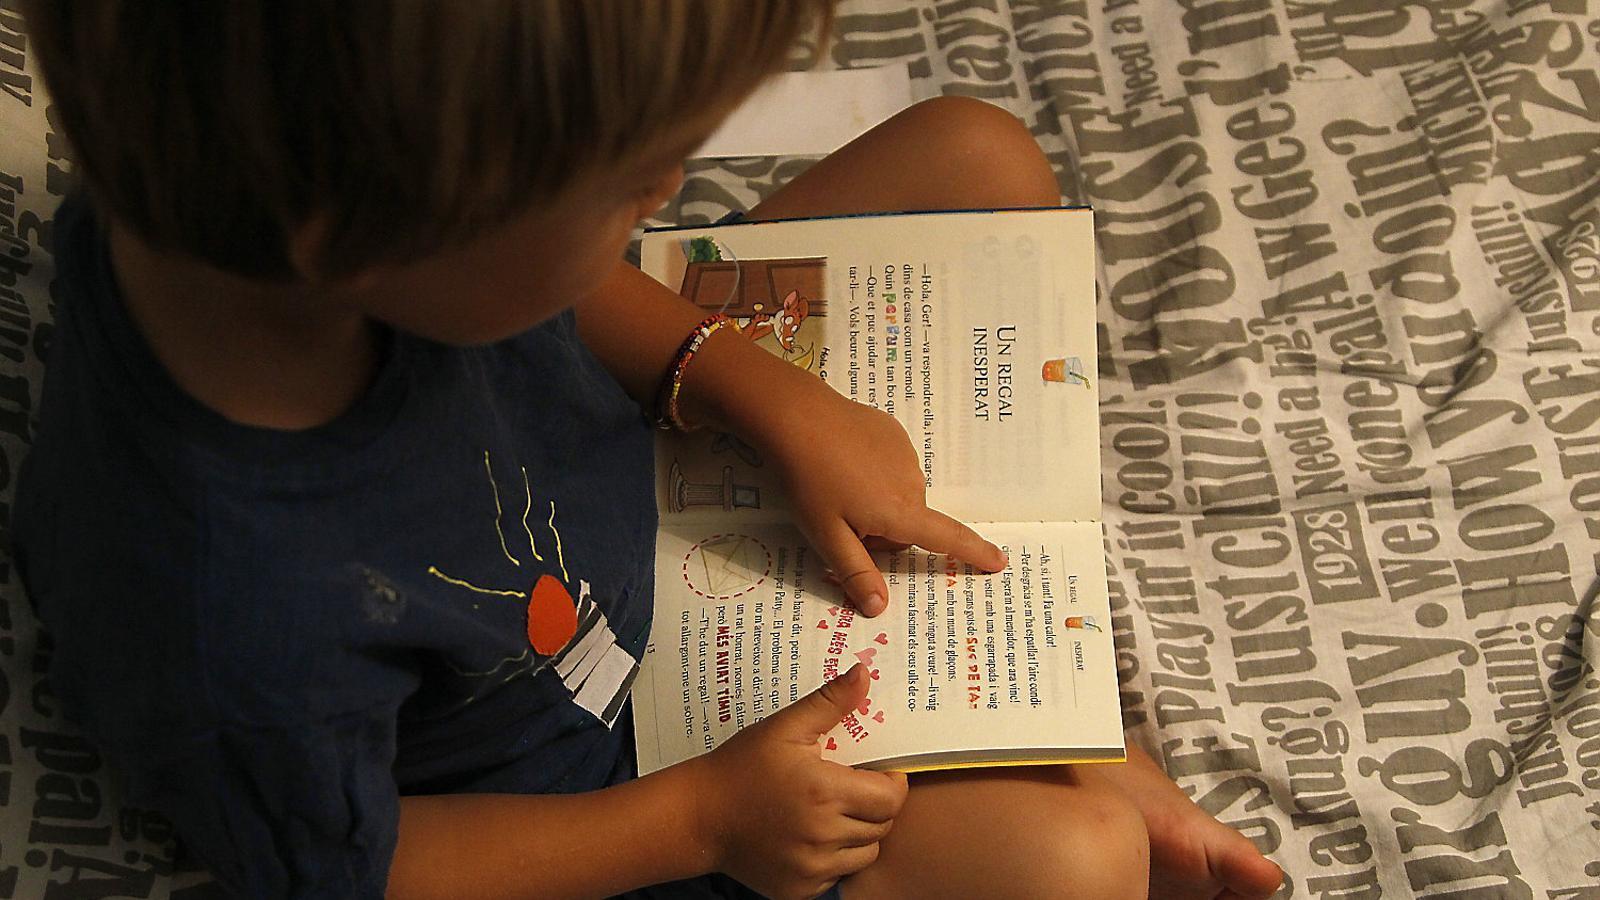 Torna la campanya per regalar un llibre a tots els infants de sis anys